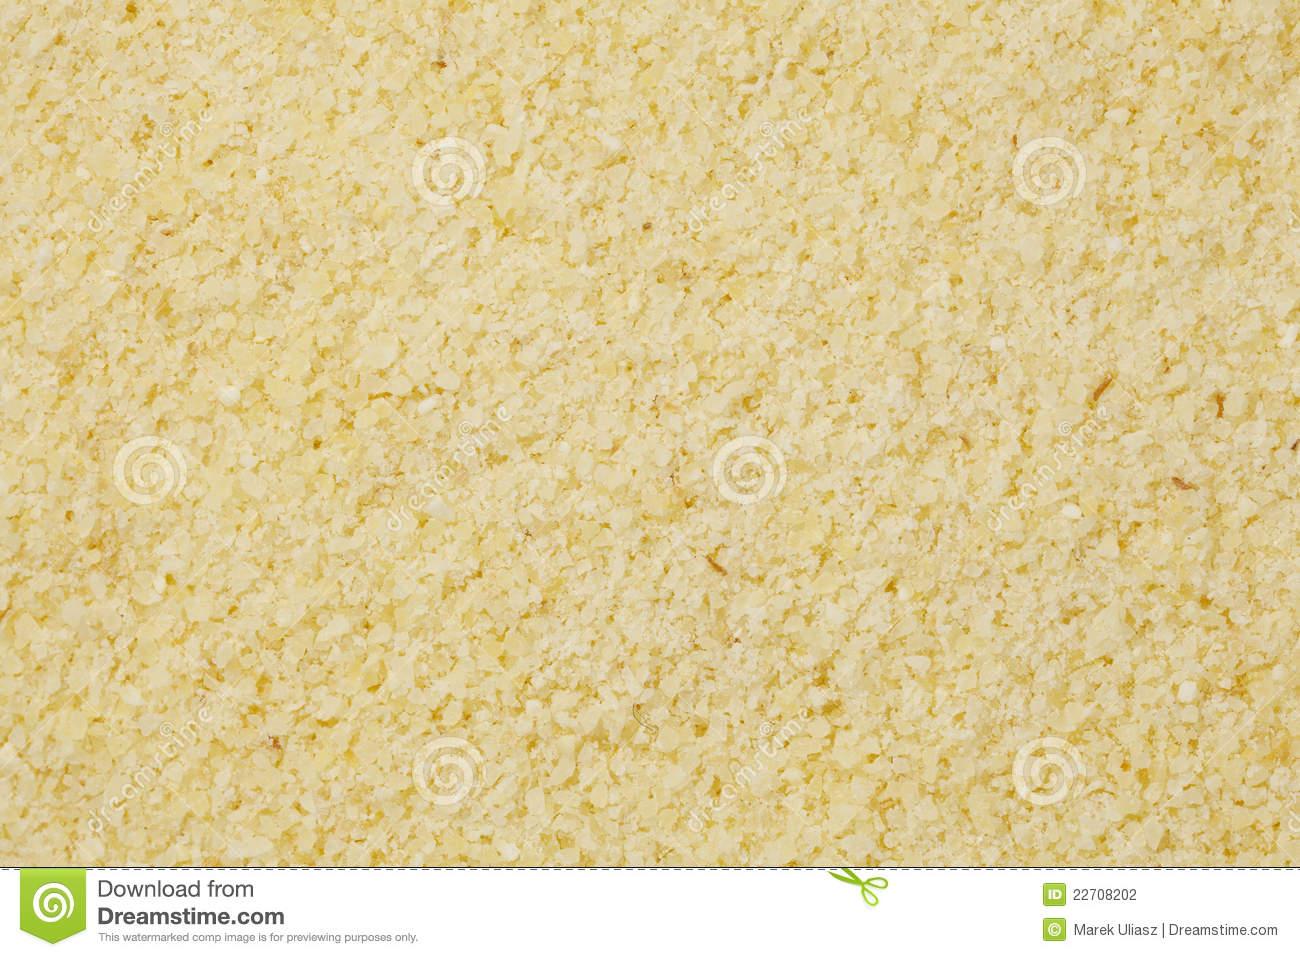 Semolina Flour At Life.